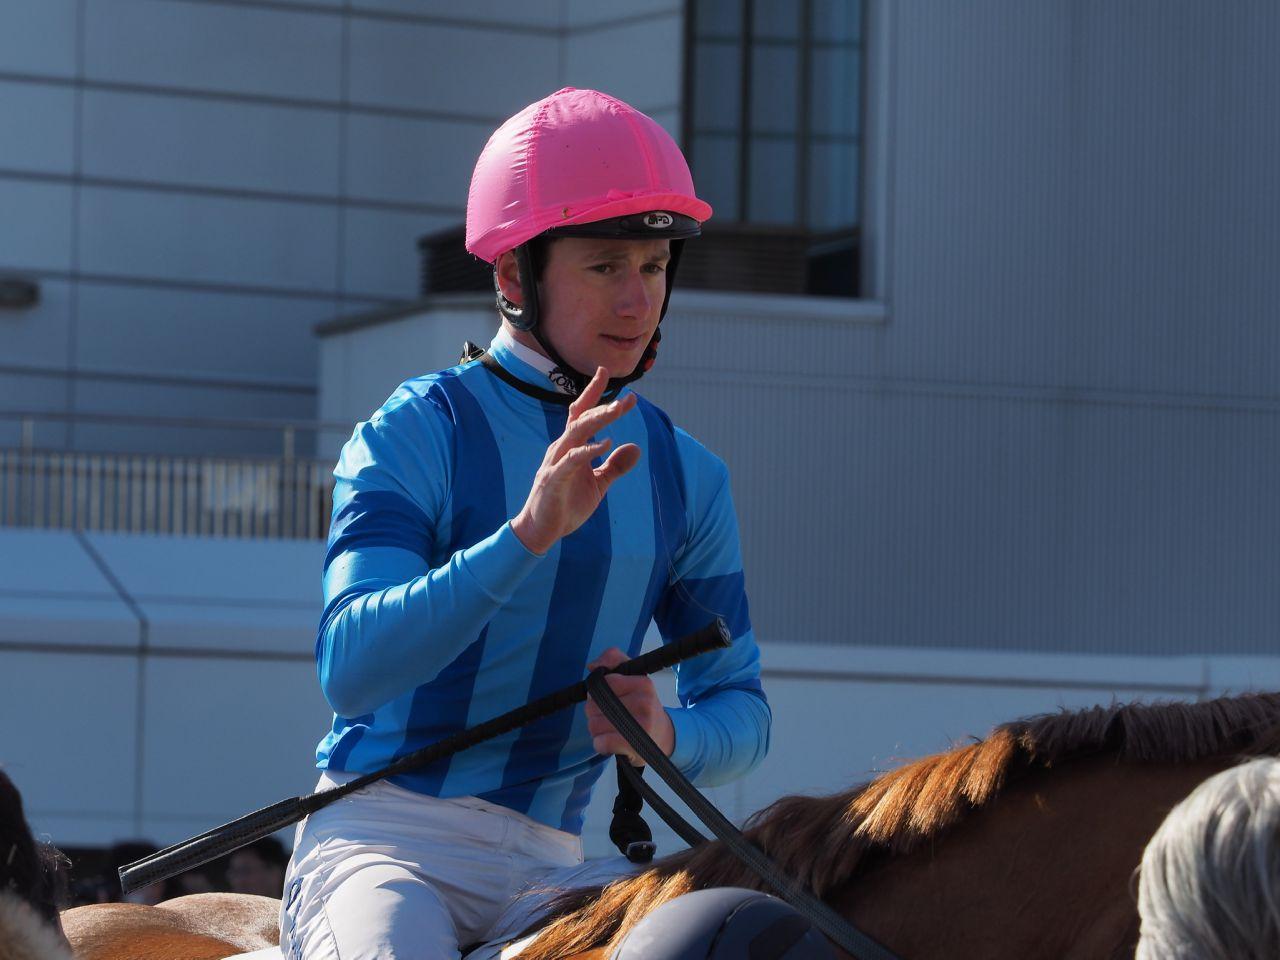 富田暁騎手のオーストラリアにおける騎乗成績(11月5日)